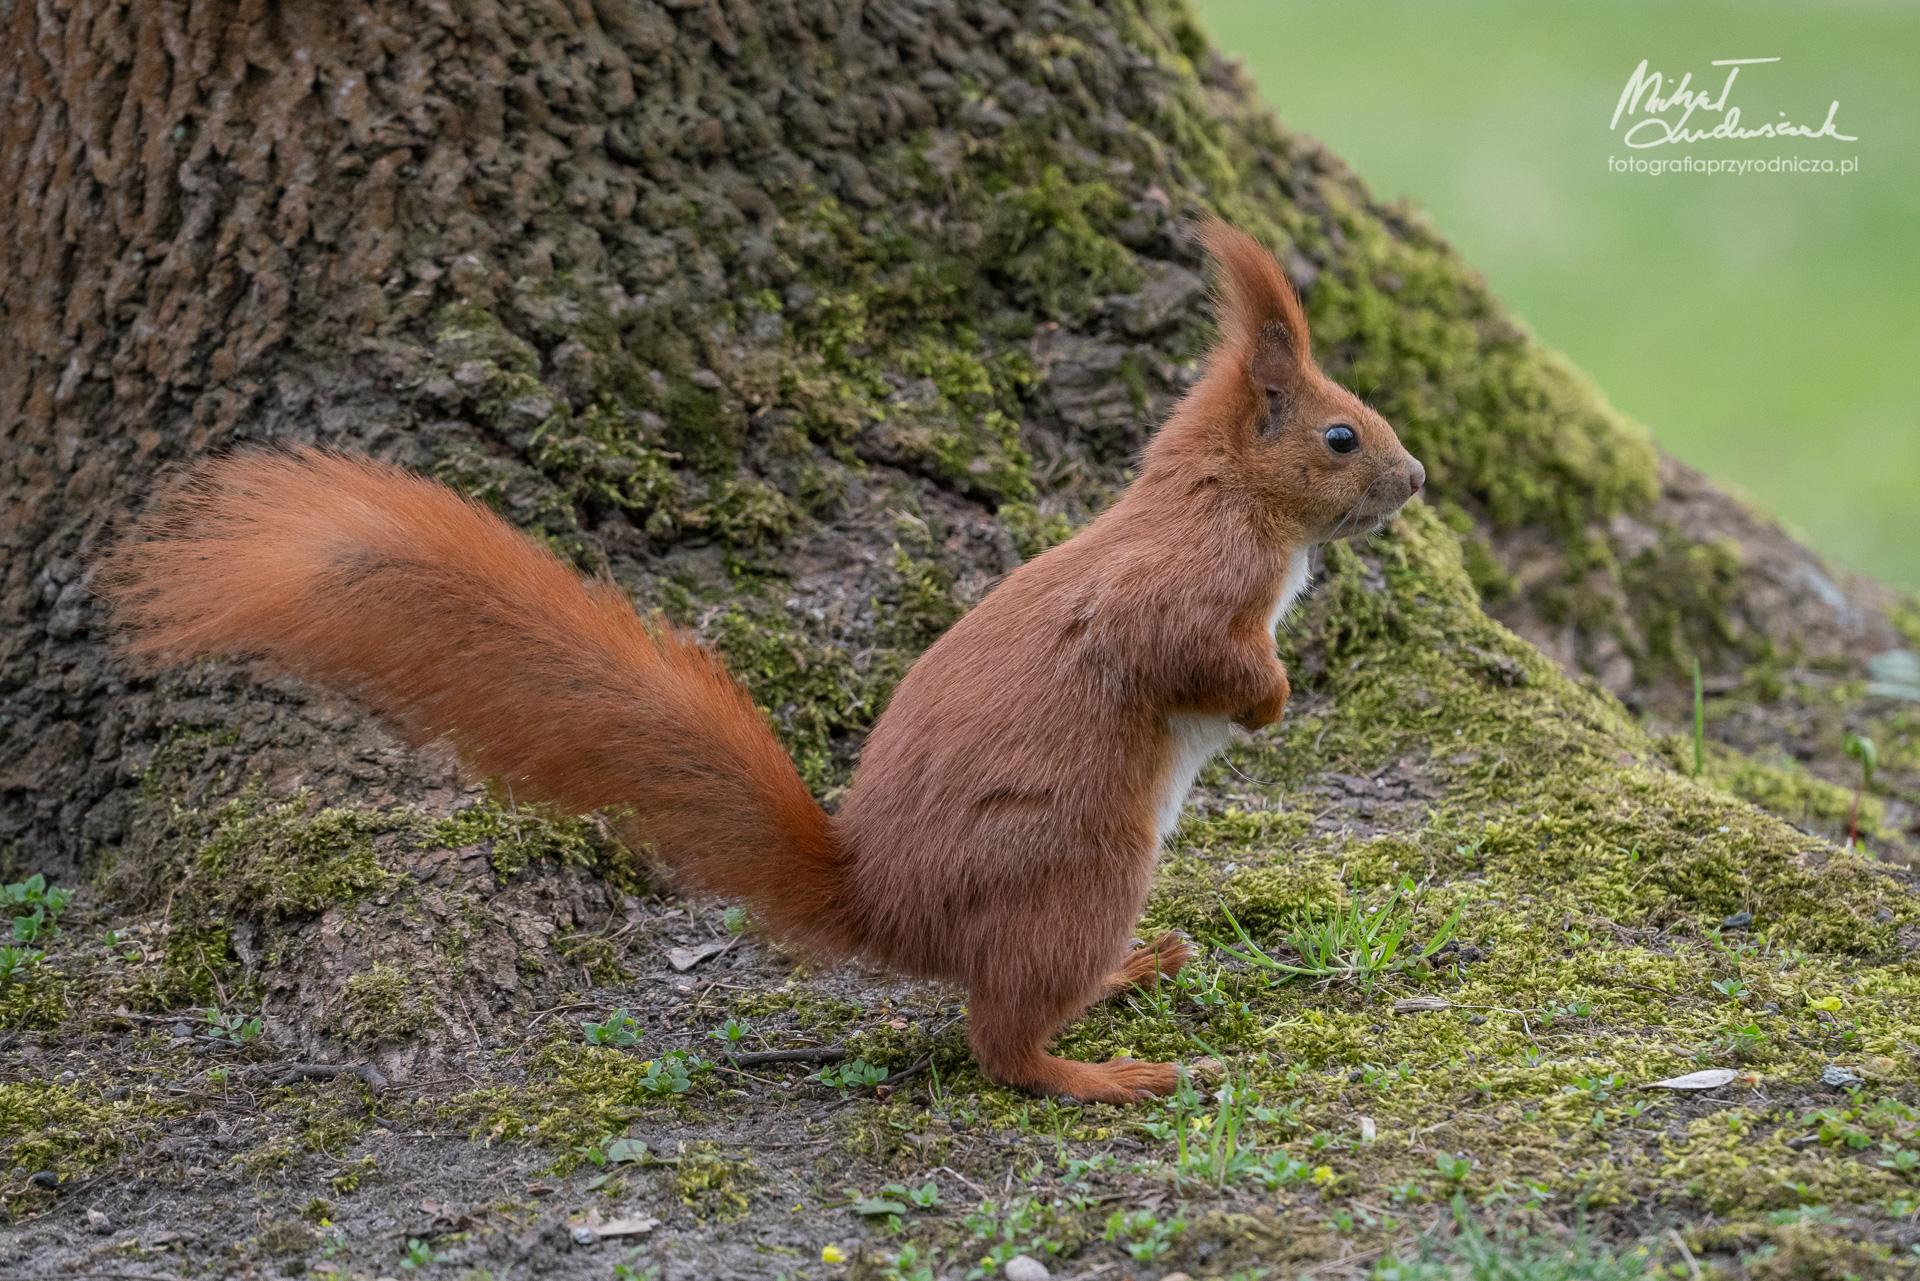 Wiewiórka, sztuka balansu